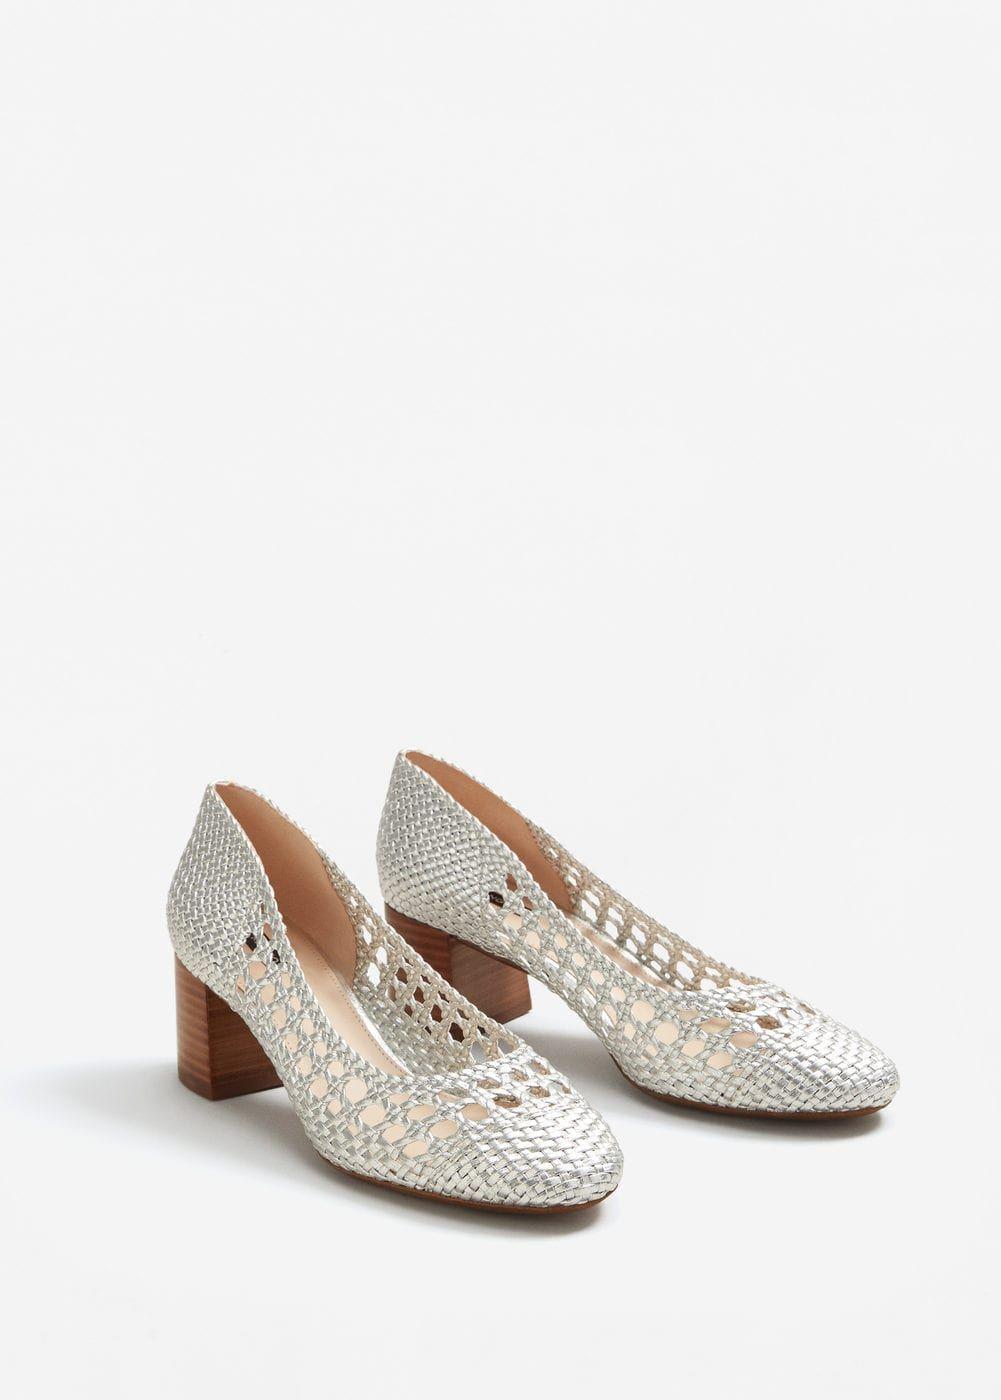 d85c2a90669d Chaussures tressées métallisées - Femme